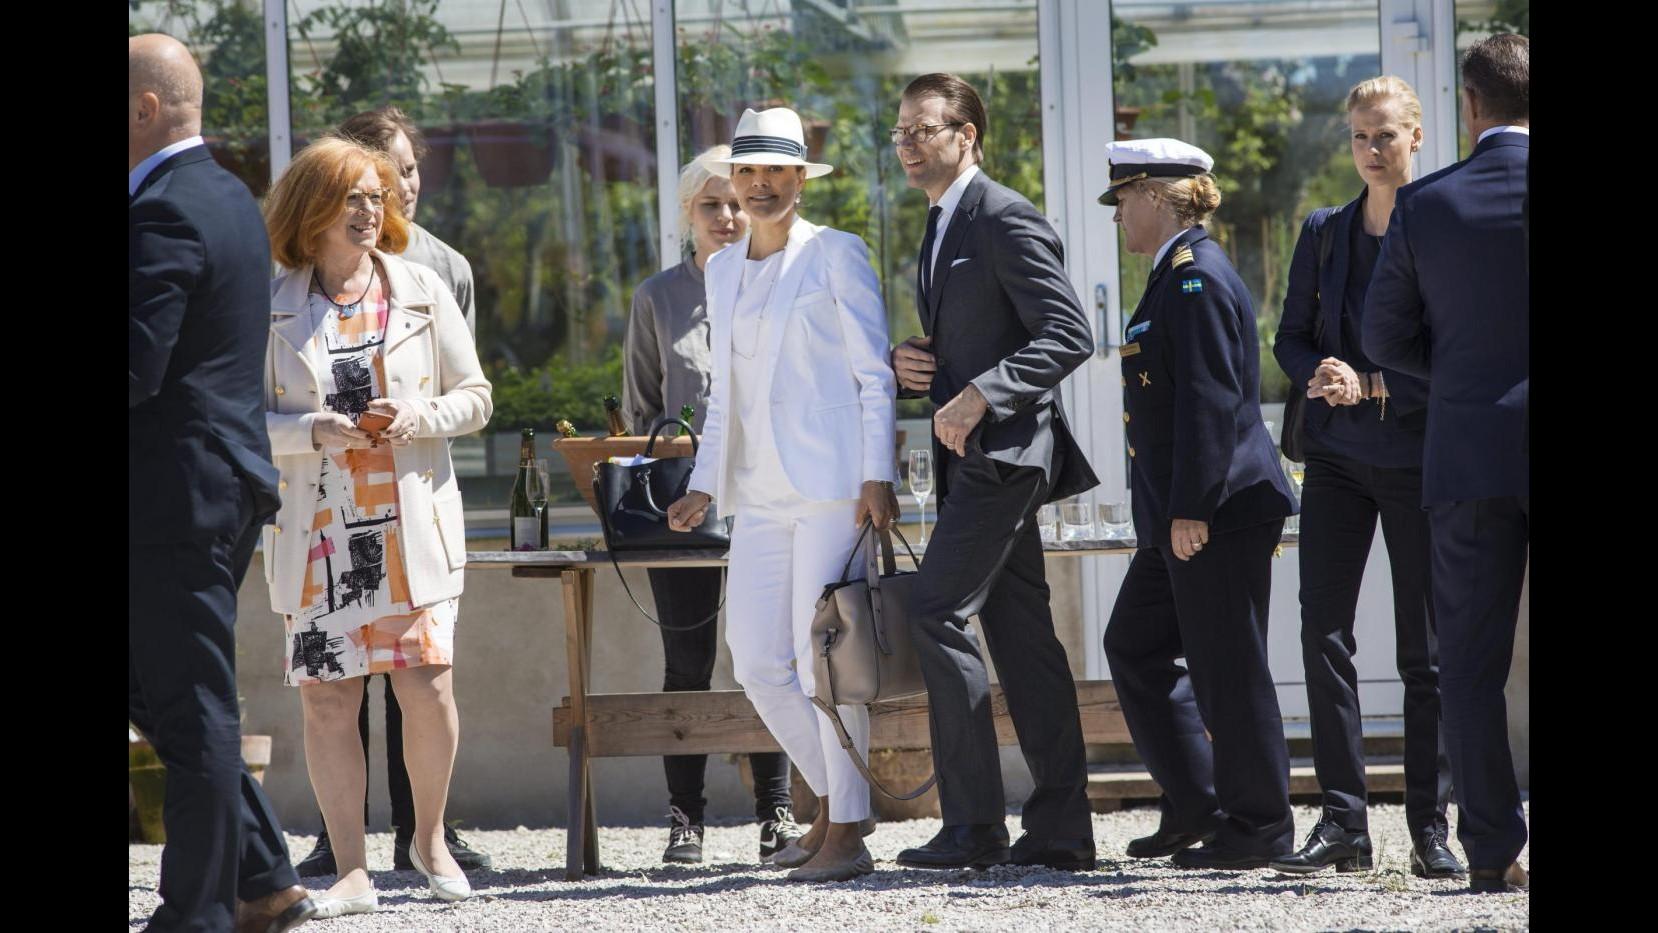 Svezia, principessa Victoria abbagliante in tailleur bianco a Gotland